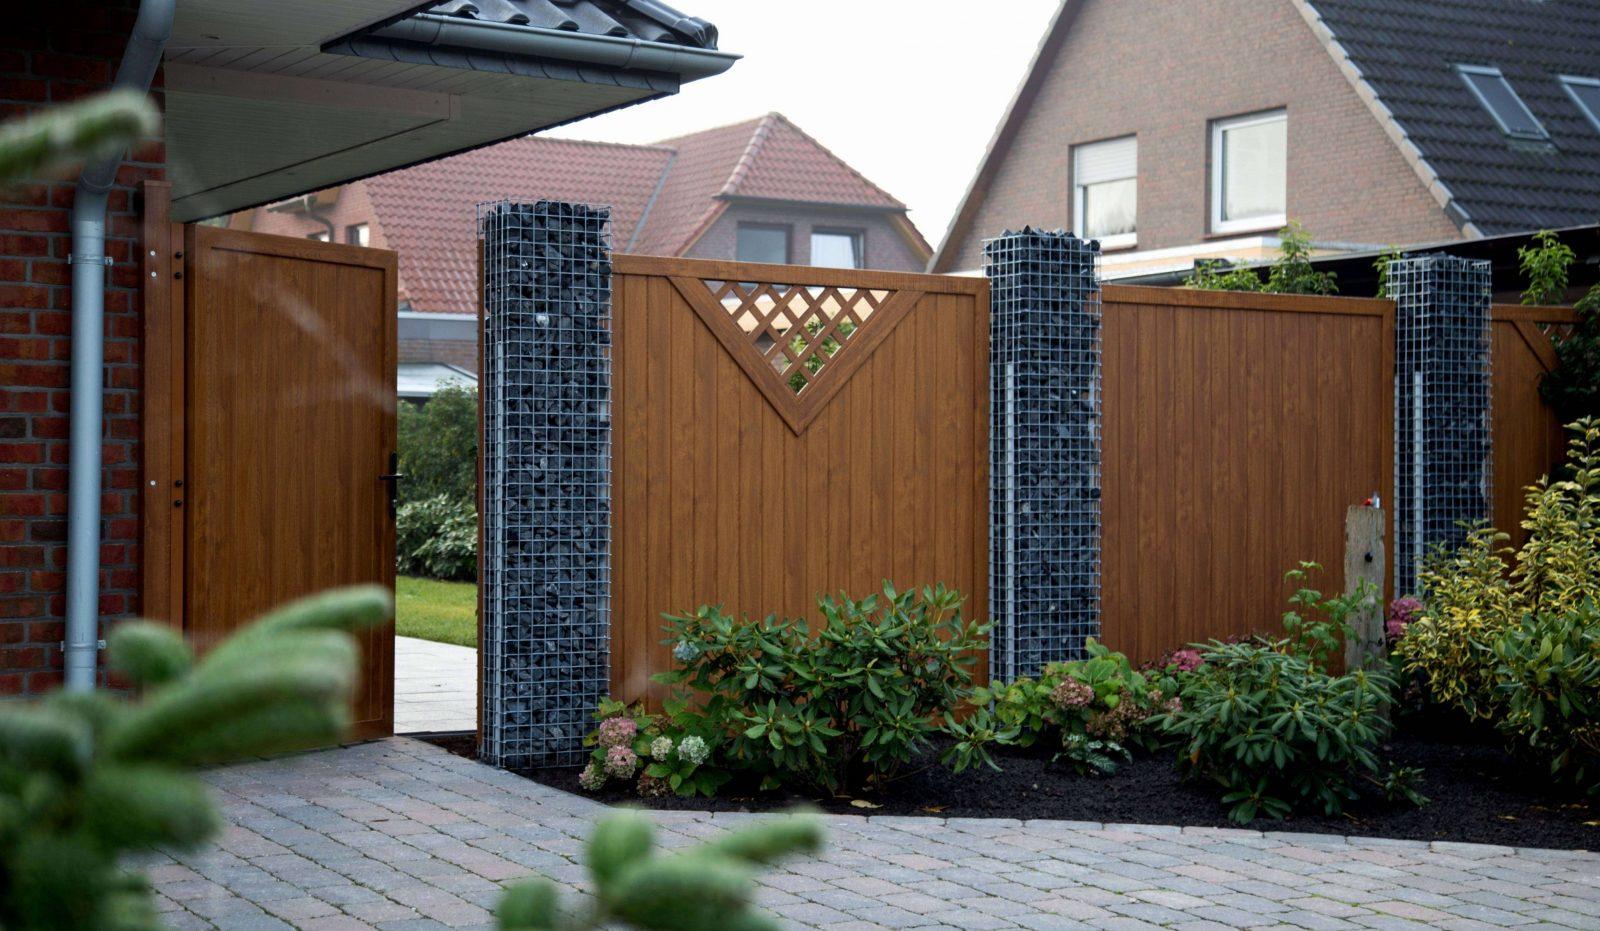 30 Inspirierend Moderner Sichtschutz Für Garten von Moderner Sichtschutz Im Garten Bild